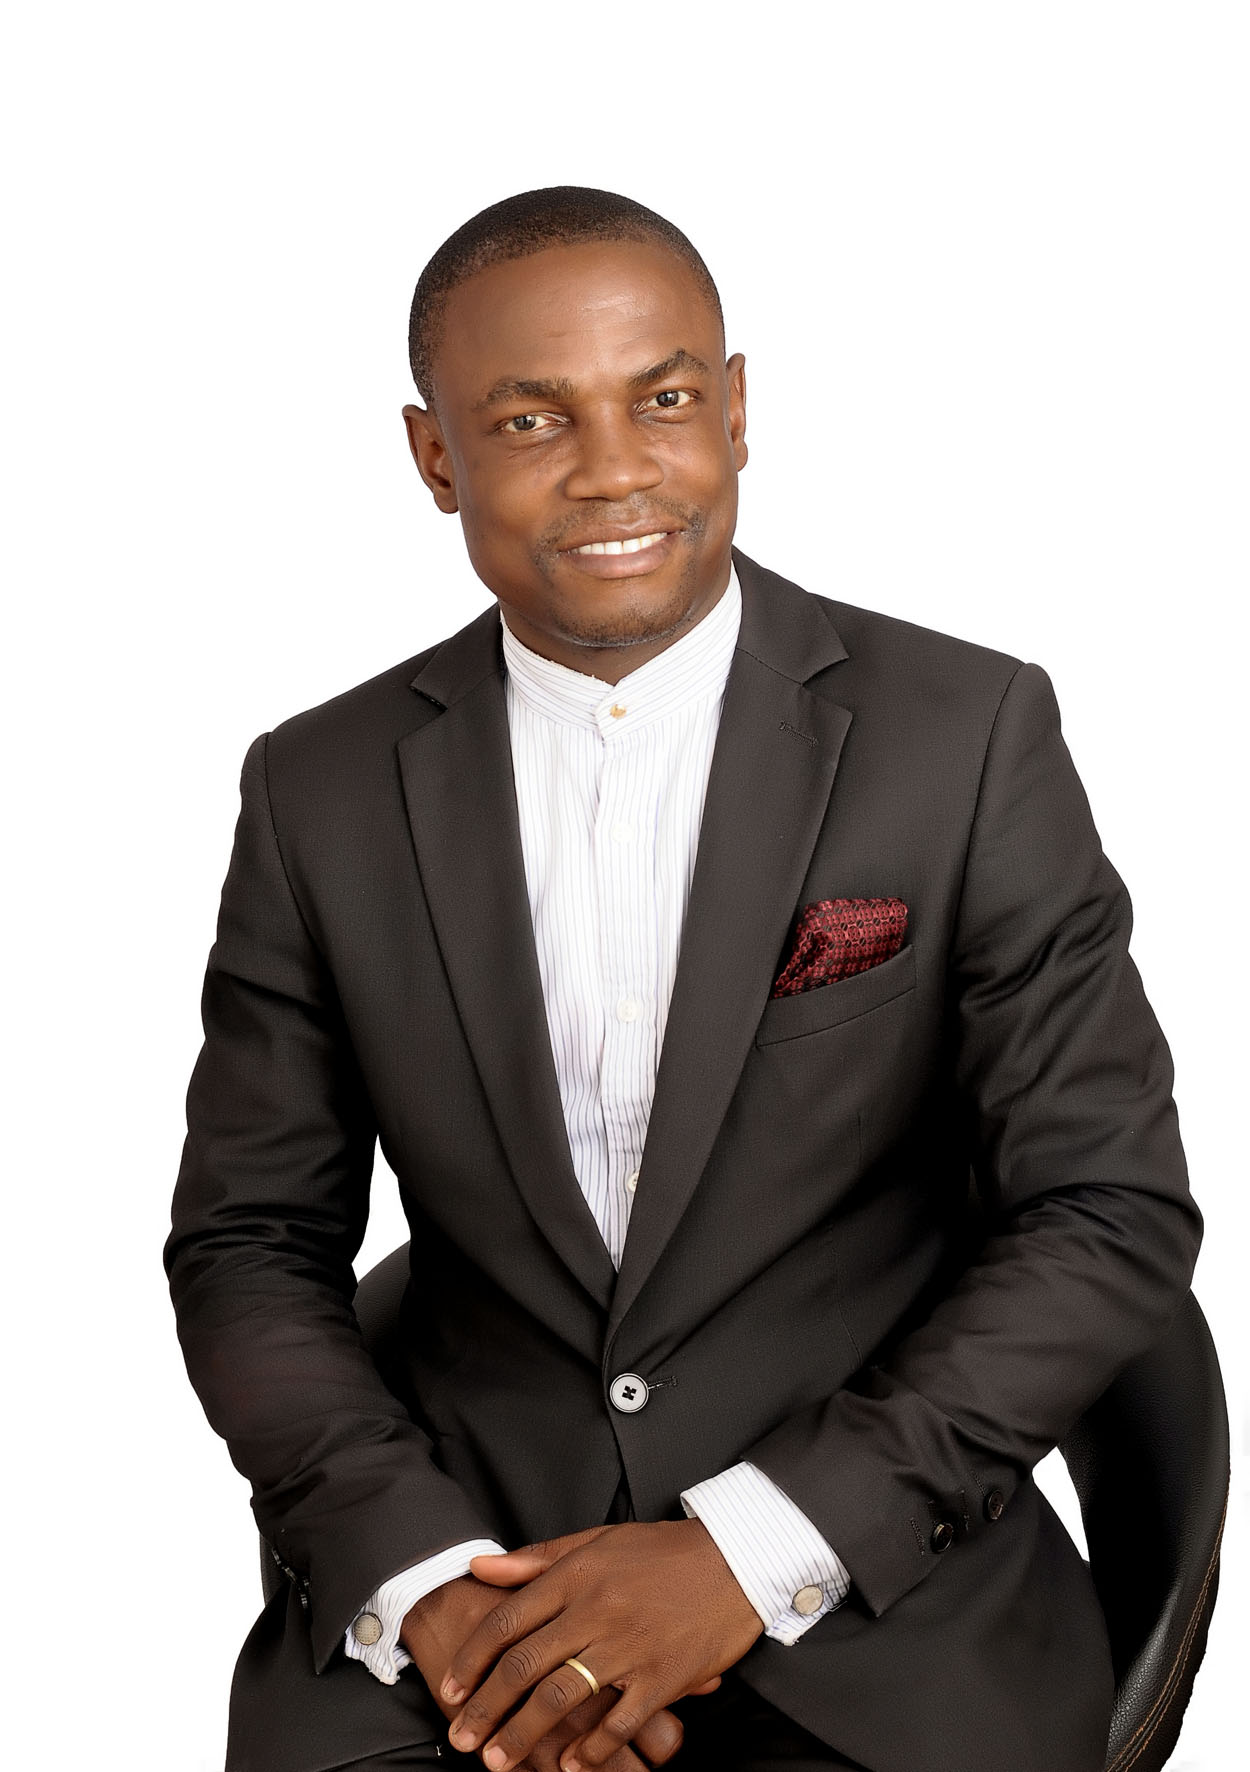 Mawukoenya Nutekpor